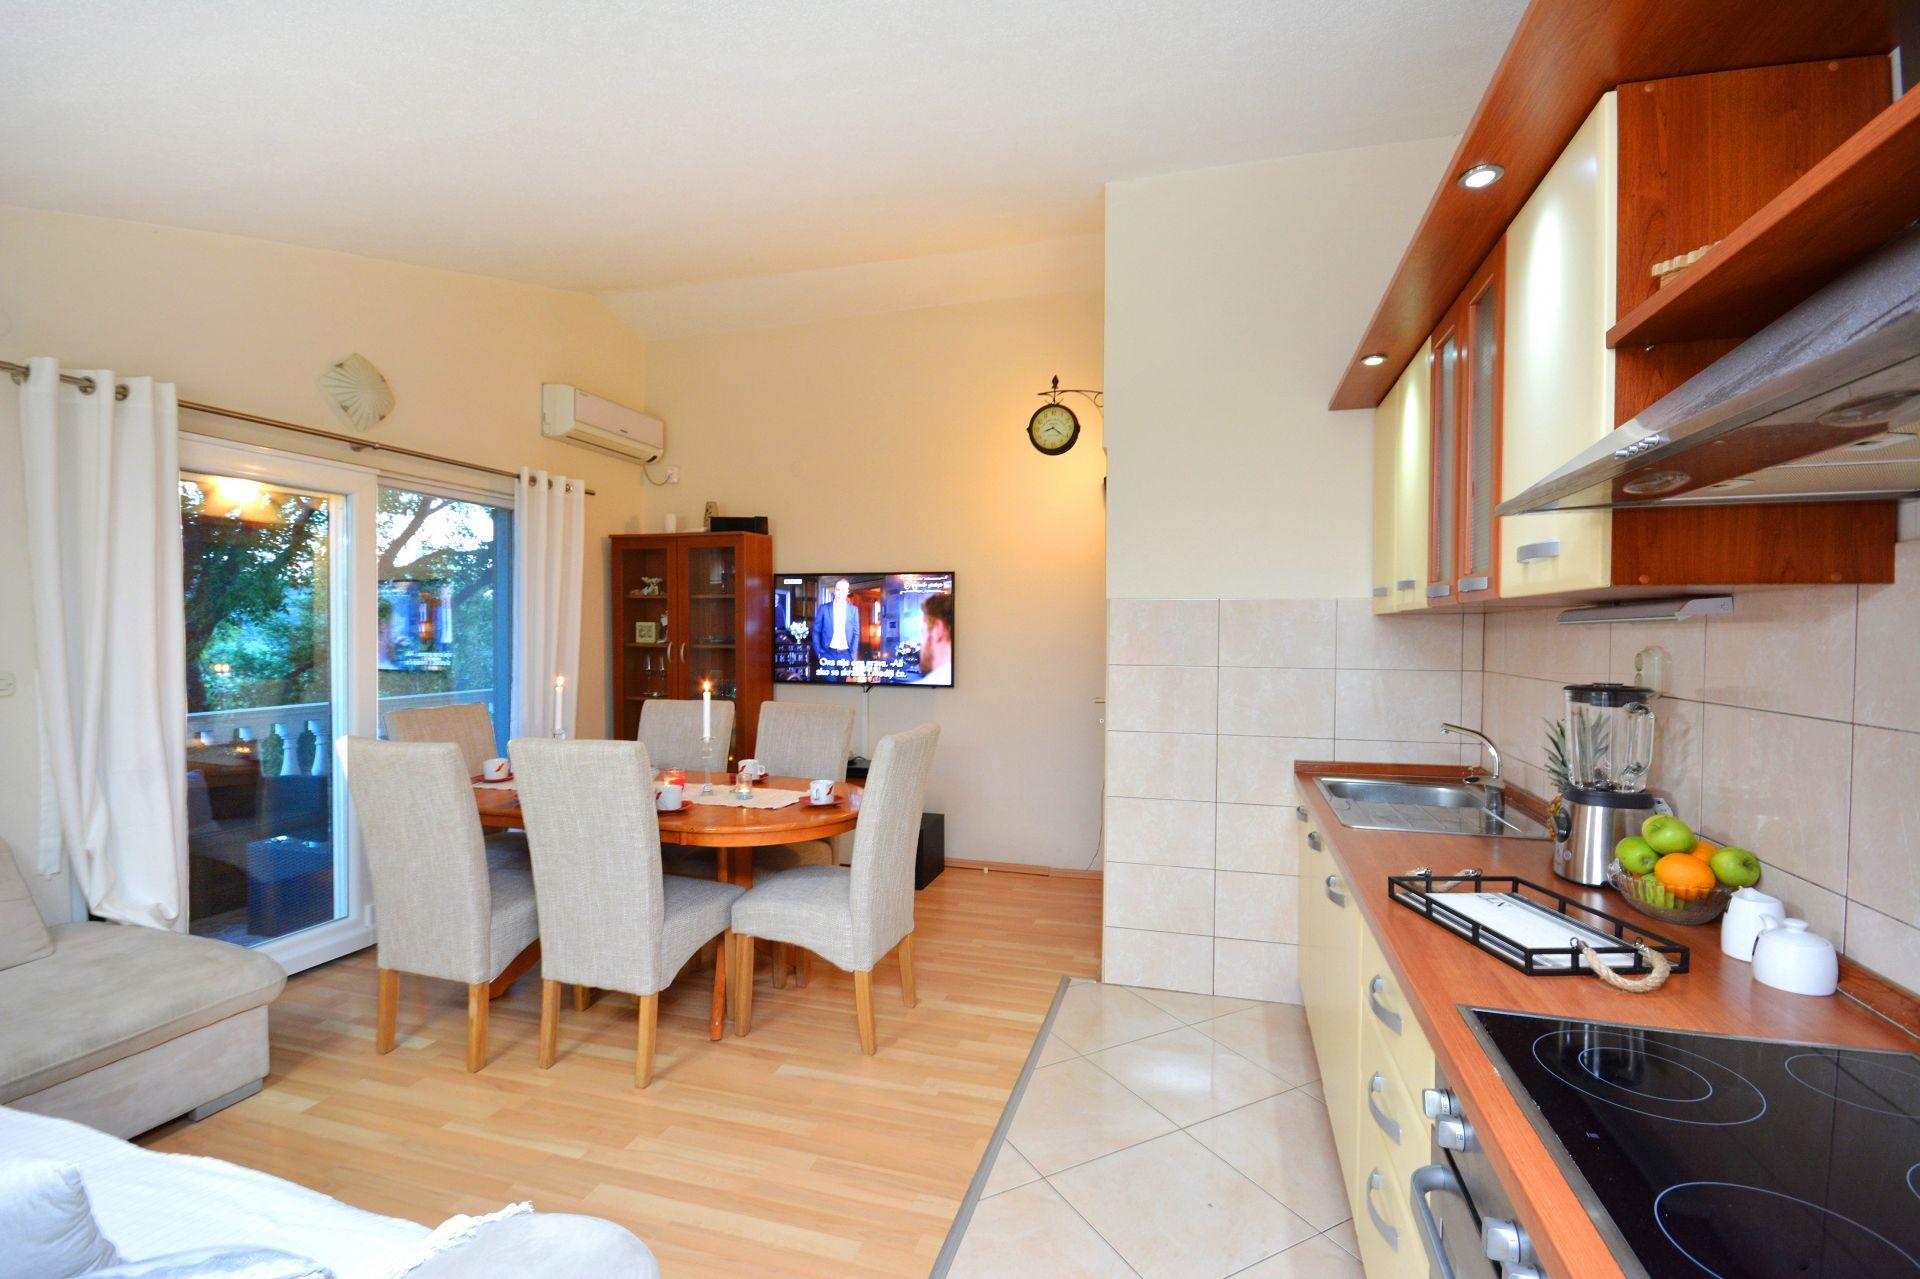 Zeljko - Marina - Appartementen Kroatië - A1(6+2): keuken en eetkamer